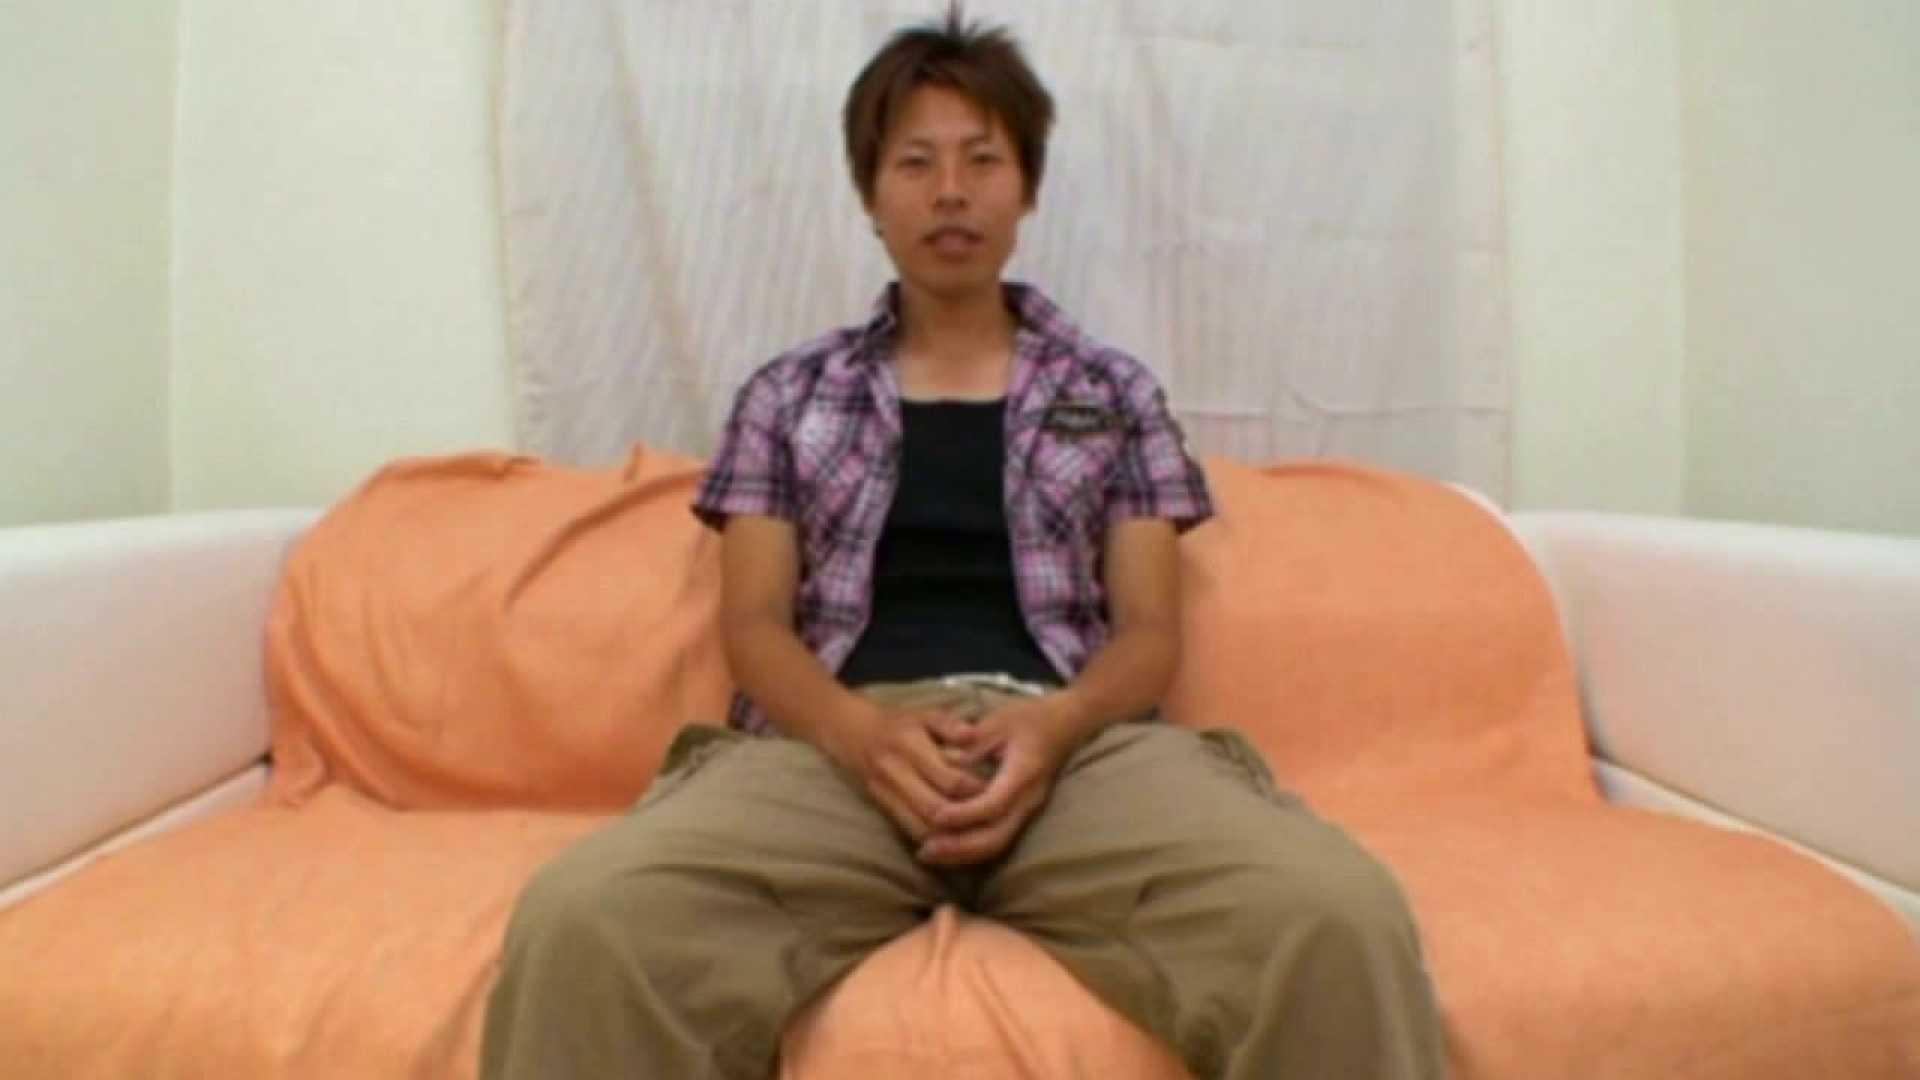 ノンケ!自慰スタジオ No.10 ゲイのオナニー映像 | ノンケ君達の・・  68枚 21